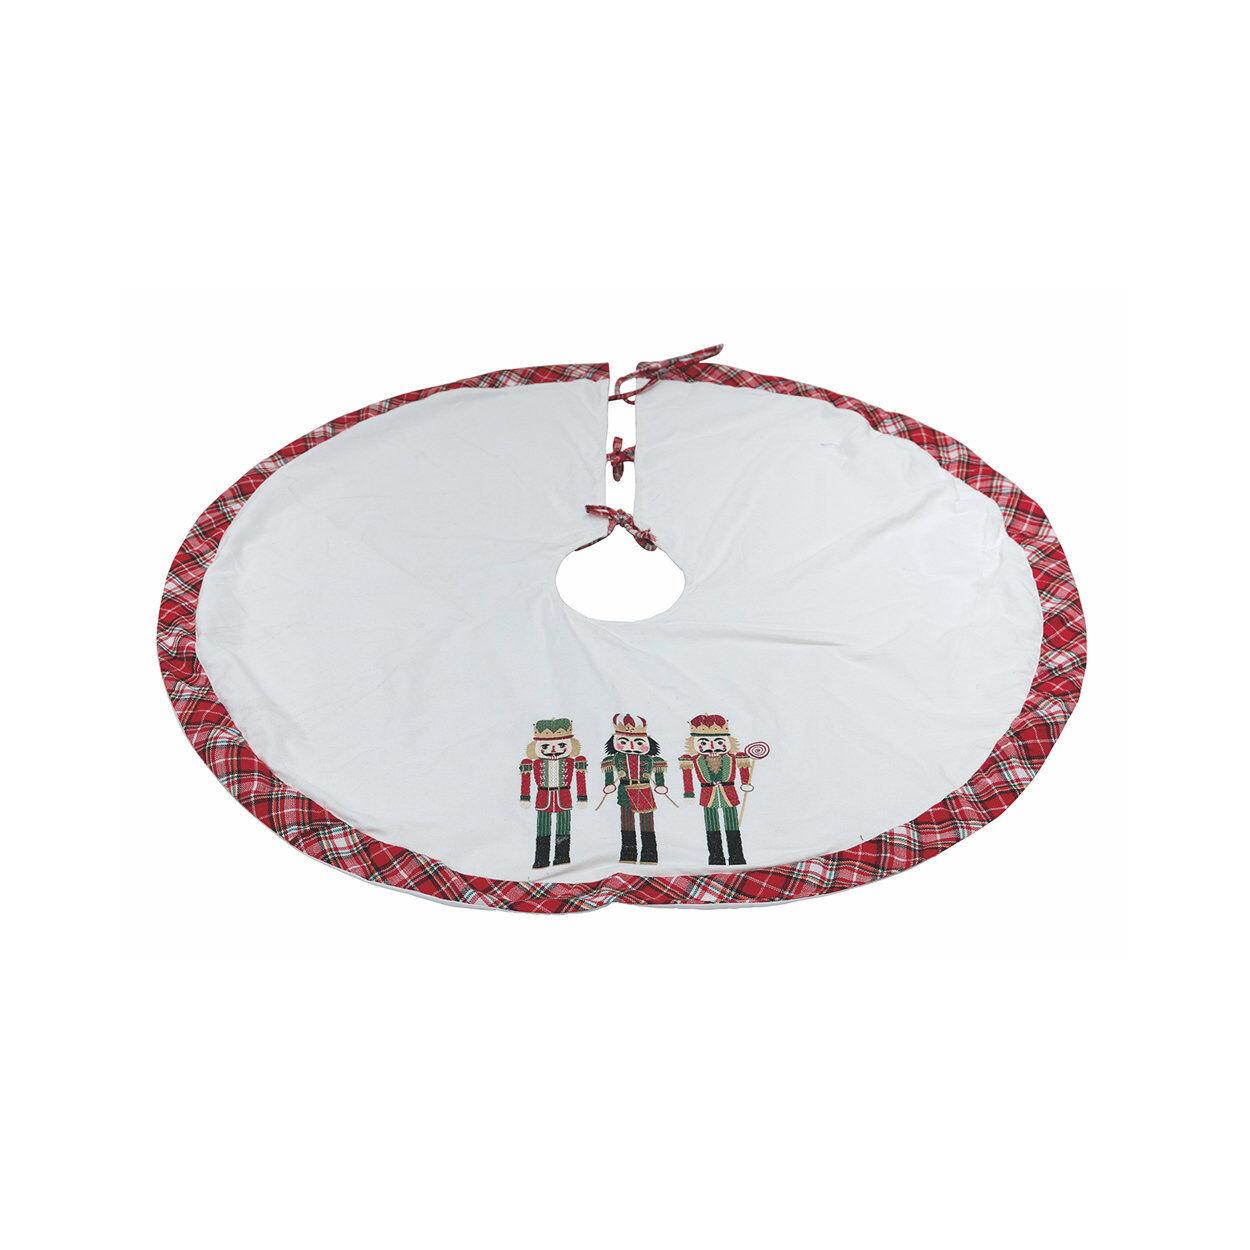 La tavola di Natale Sotto albero 122cm TRENDY CHRISTMAS, bianco/rosso/verde